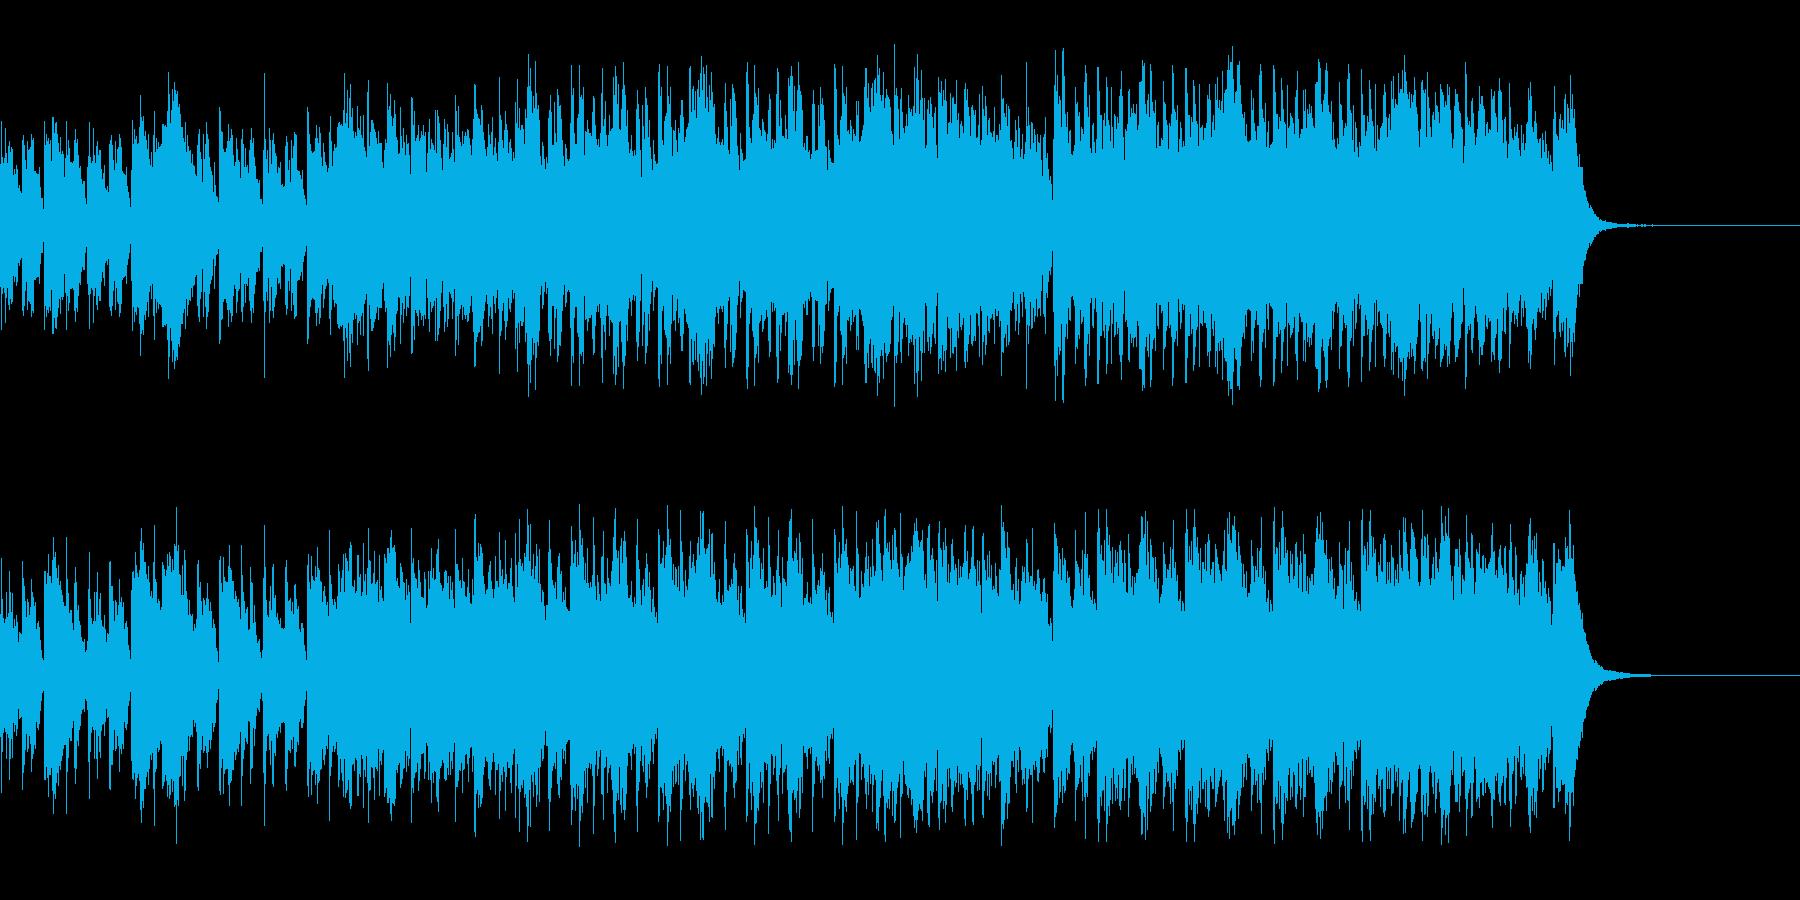 ゆるく、気まぐれな雰囲気のBGMの再生済みの波形